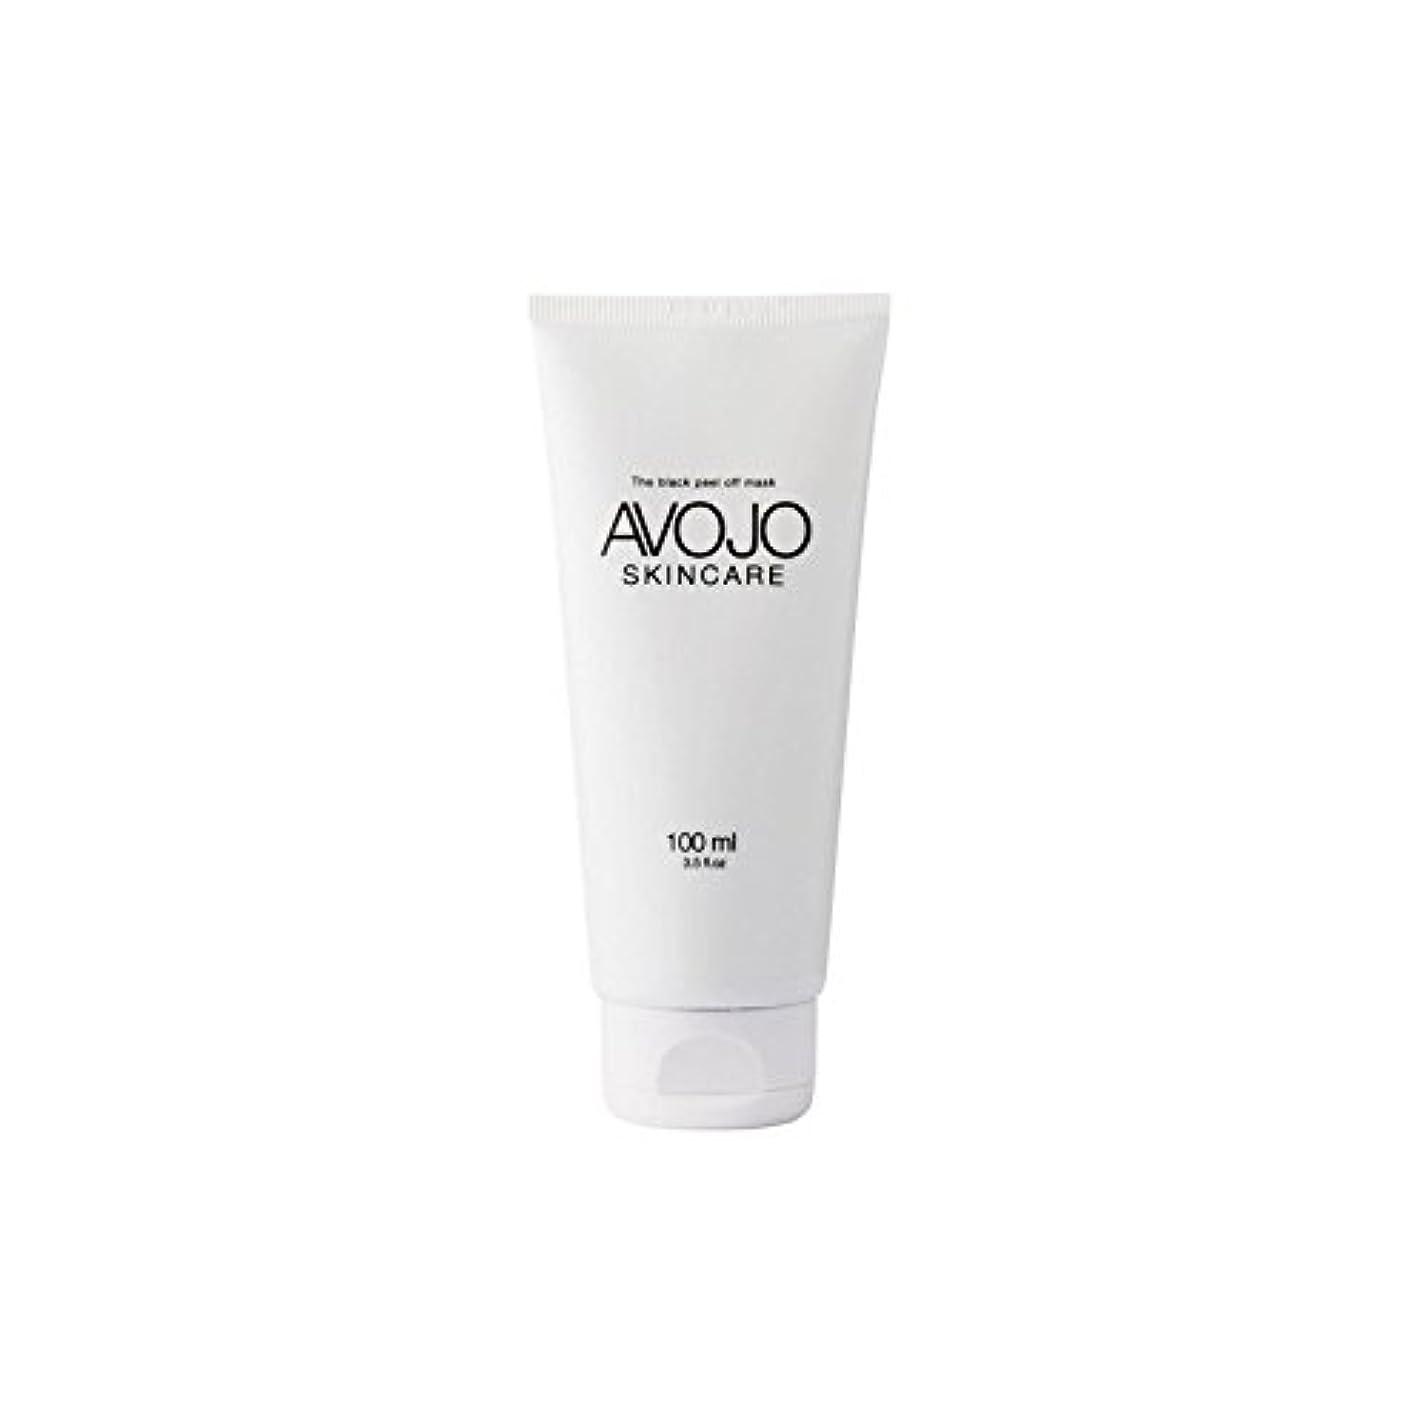 ダンプ寄託弱める- 黒皮オフマスク - (ボトル100ミリリットル) x4 - Avojo - The Black Peel Off Mask - (Bottle 100ml) (Pack of 4) [並行輸入品]